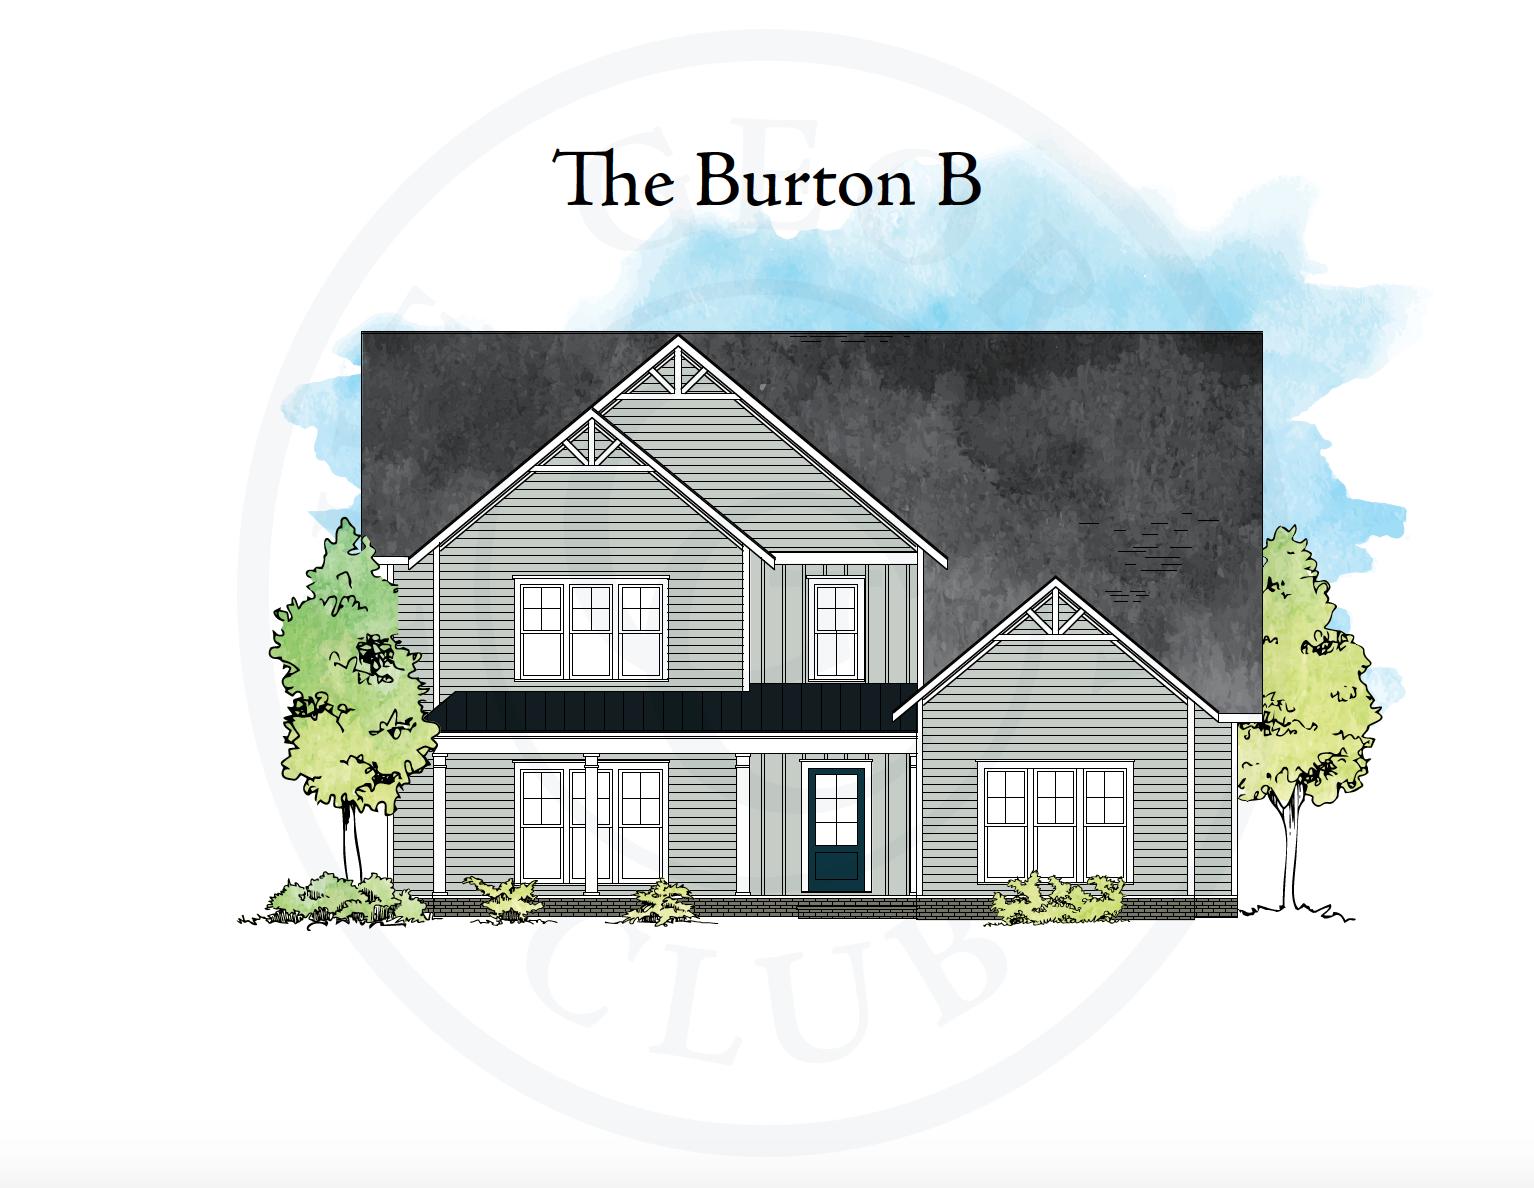 Burton B